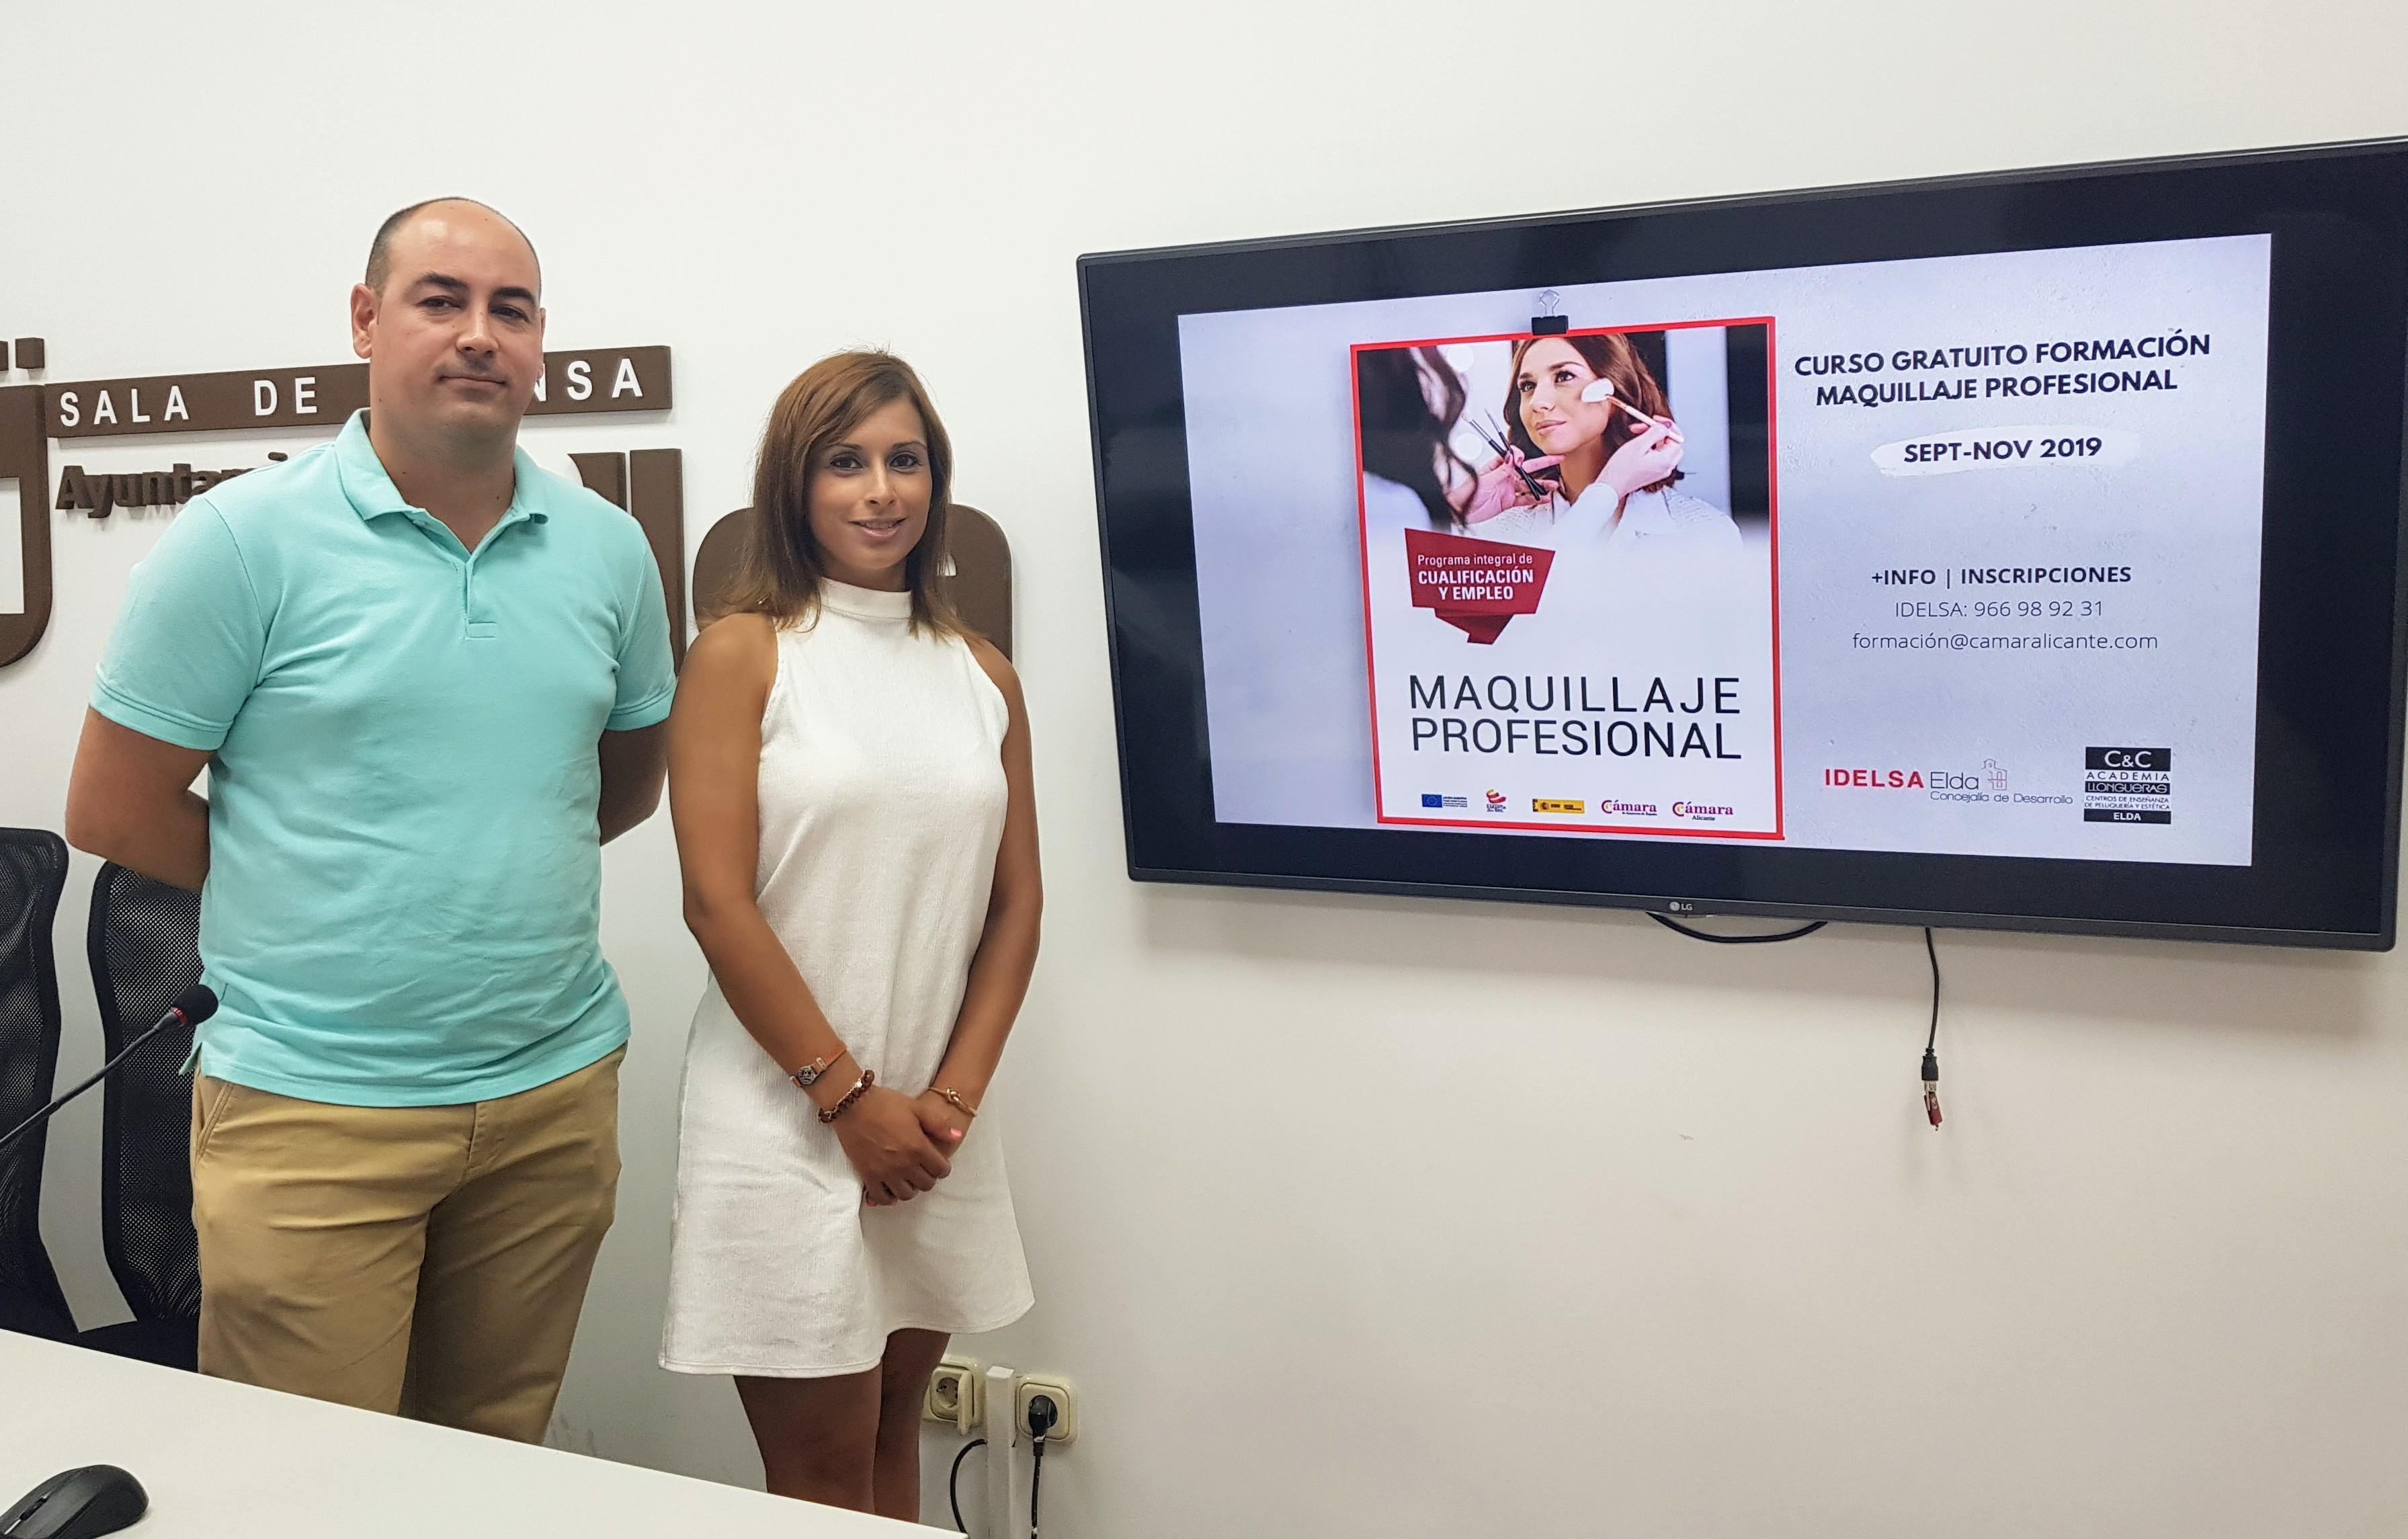 Idelsa ofrece un curso gratuito de maquillaje profesional dirigido a jóvenes inscritos en el Programa de Garantía Juvenil